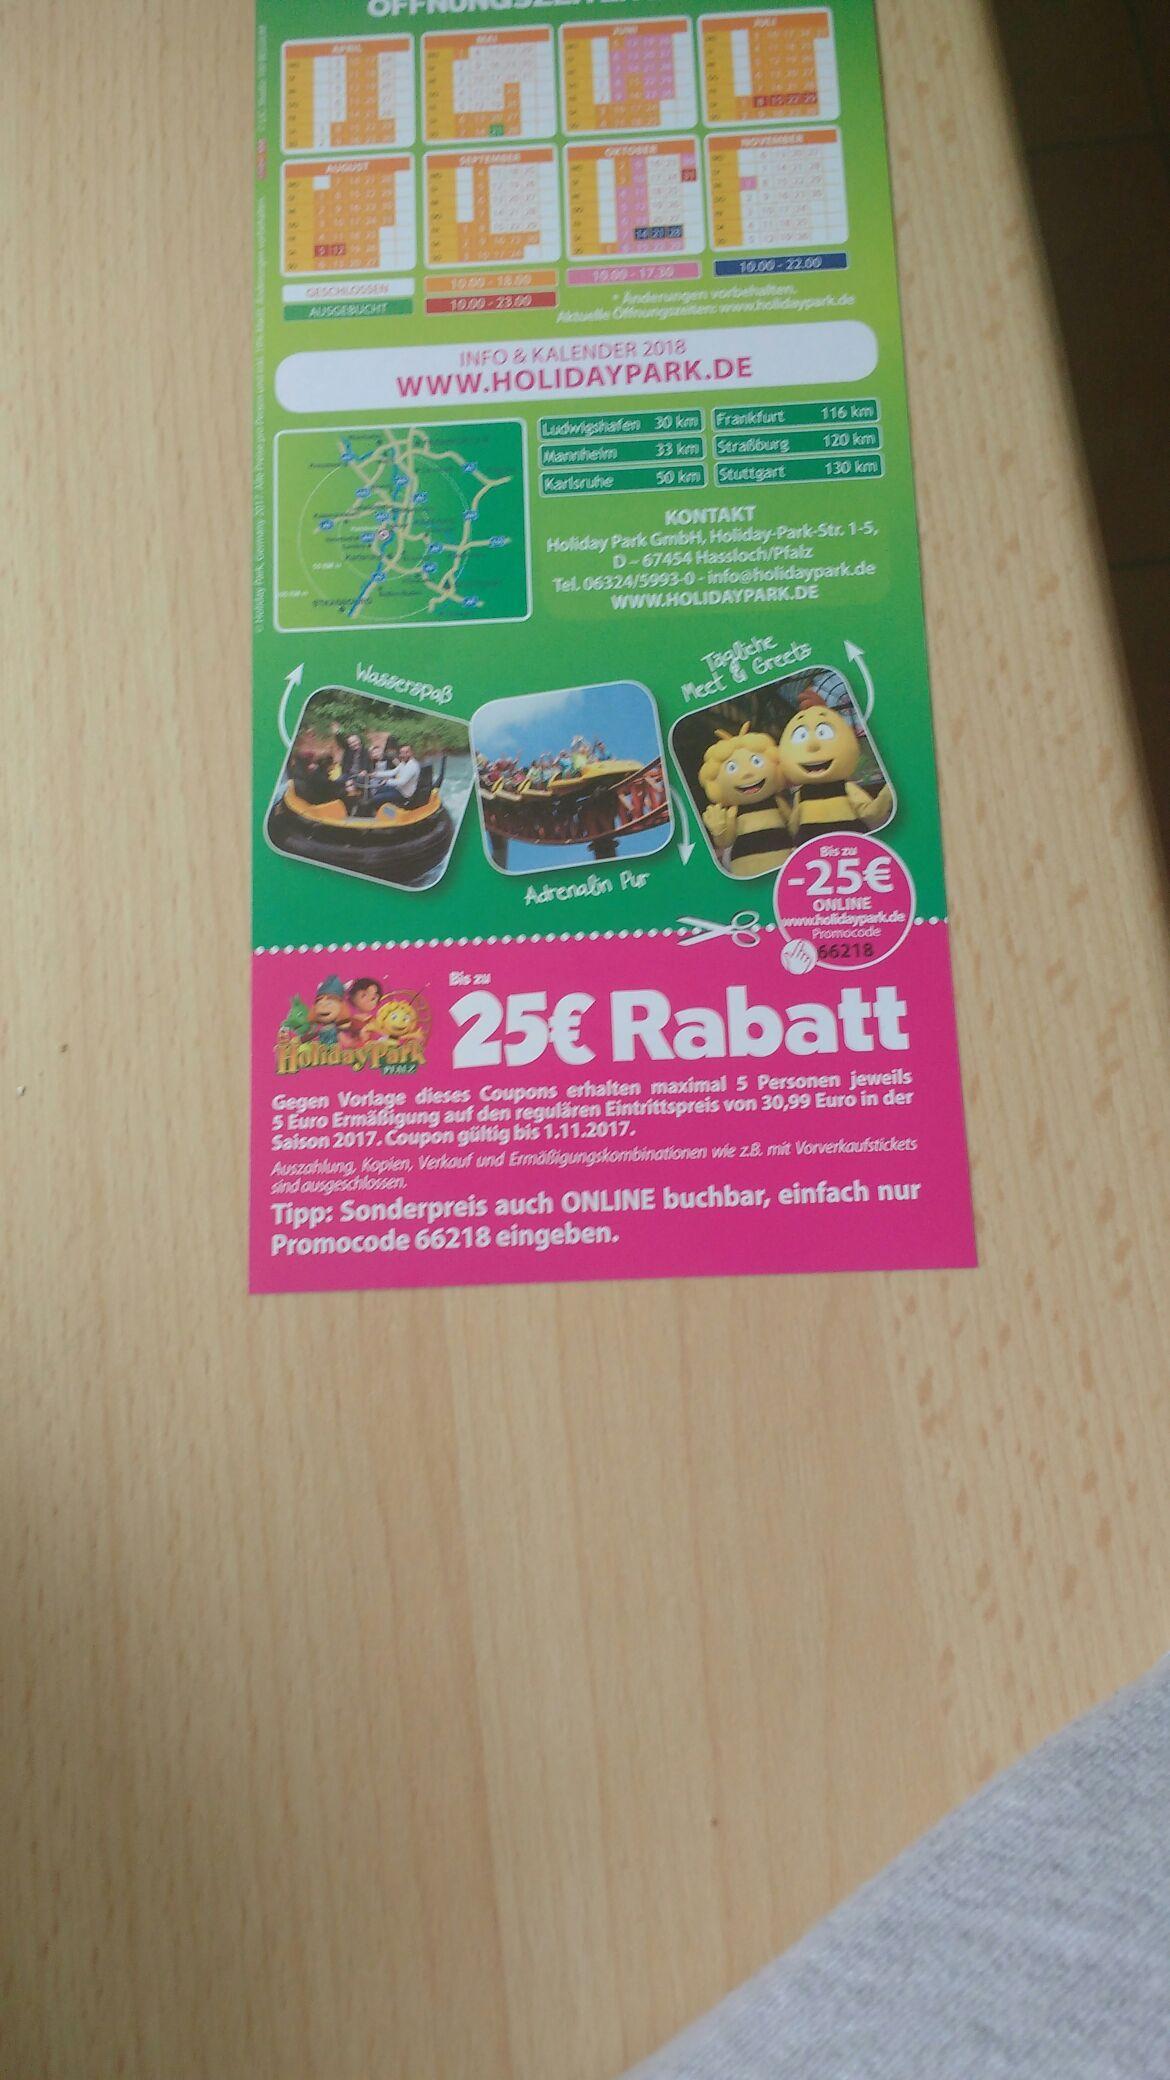 5€ günstiger in den Holiday-Park. Kombinierbar!!!